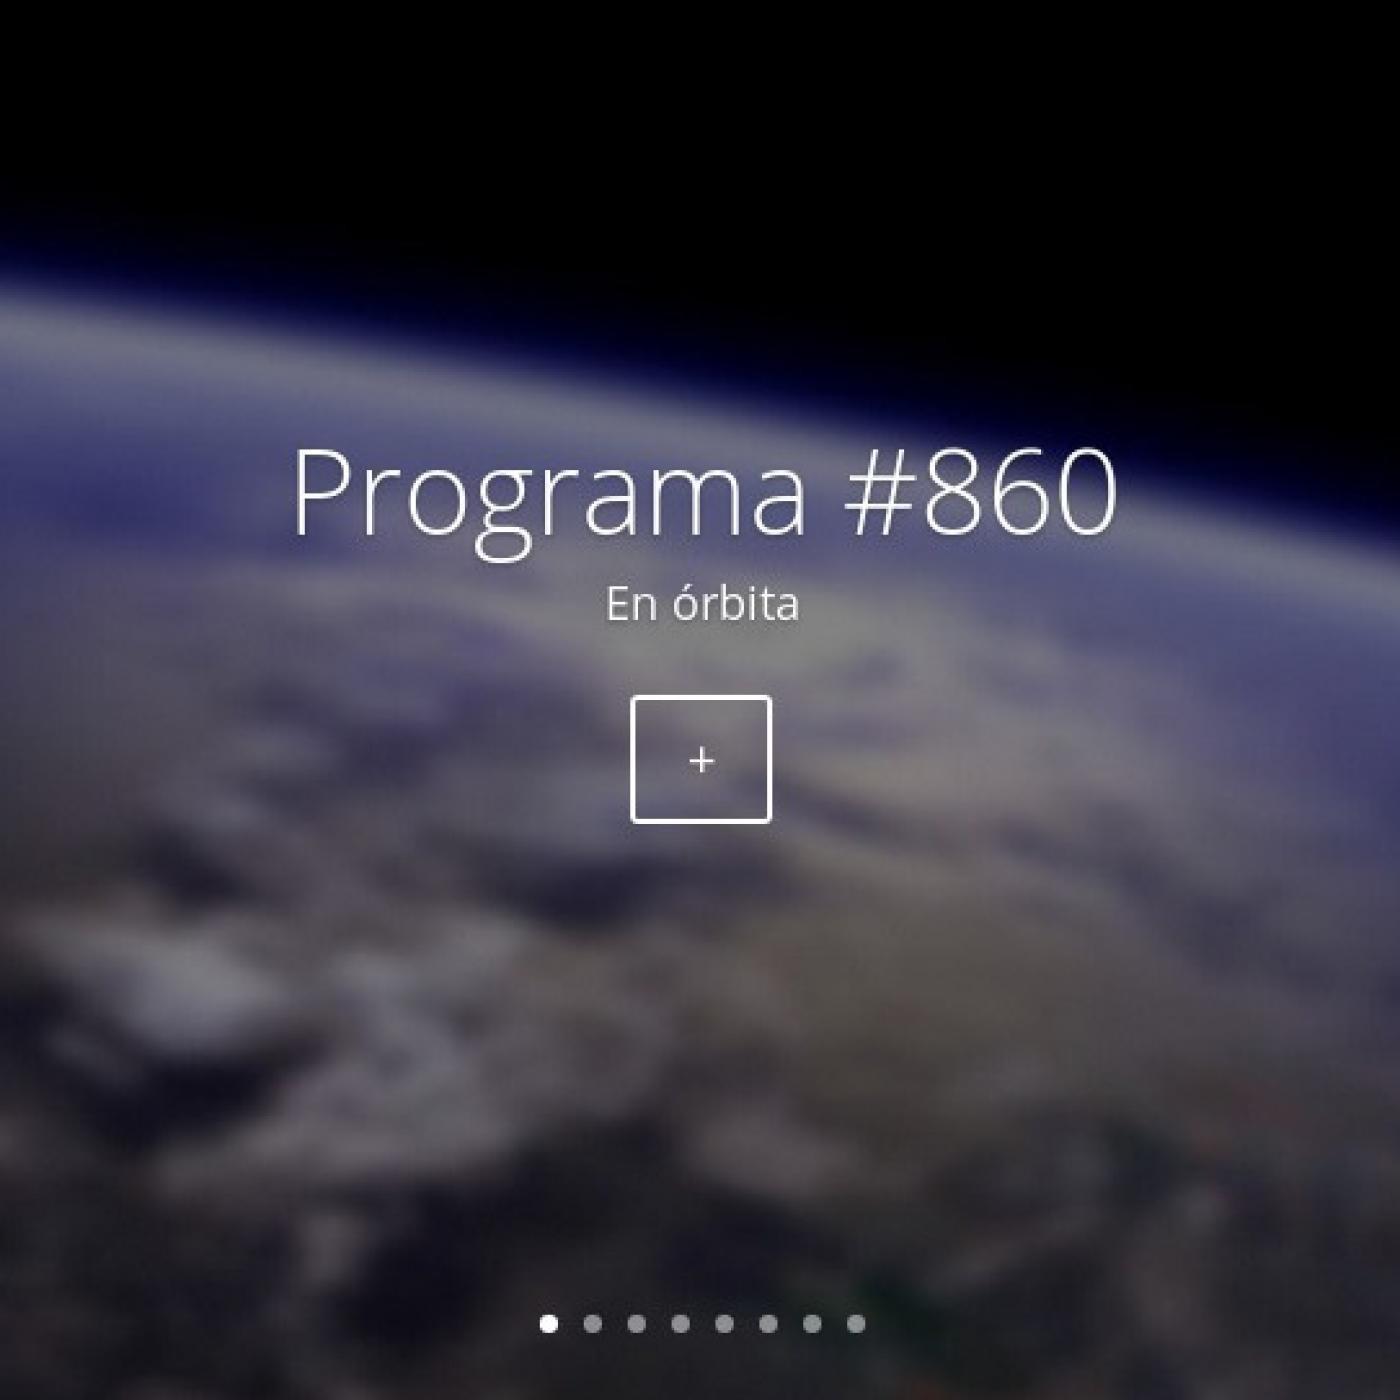 #860, en órbita